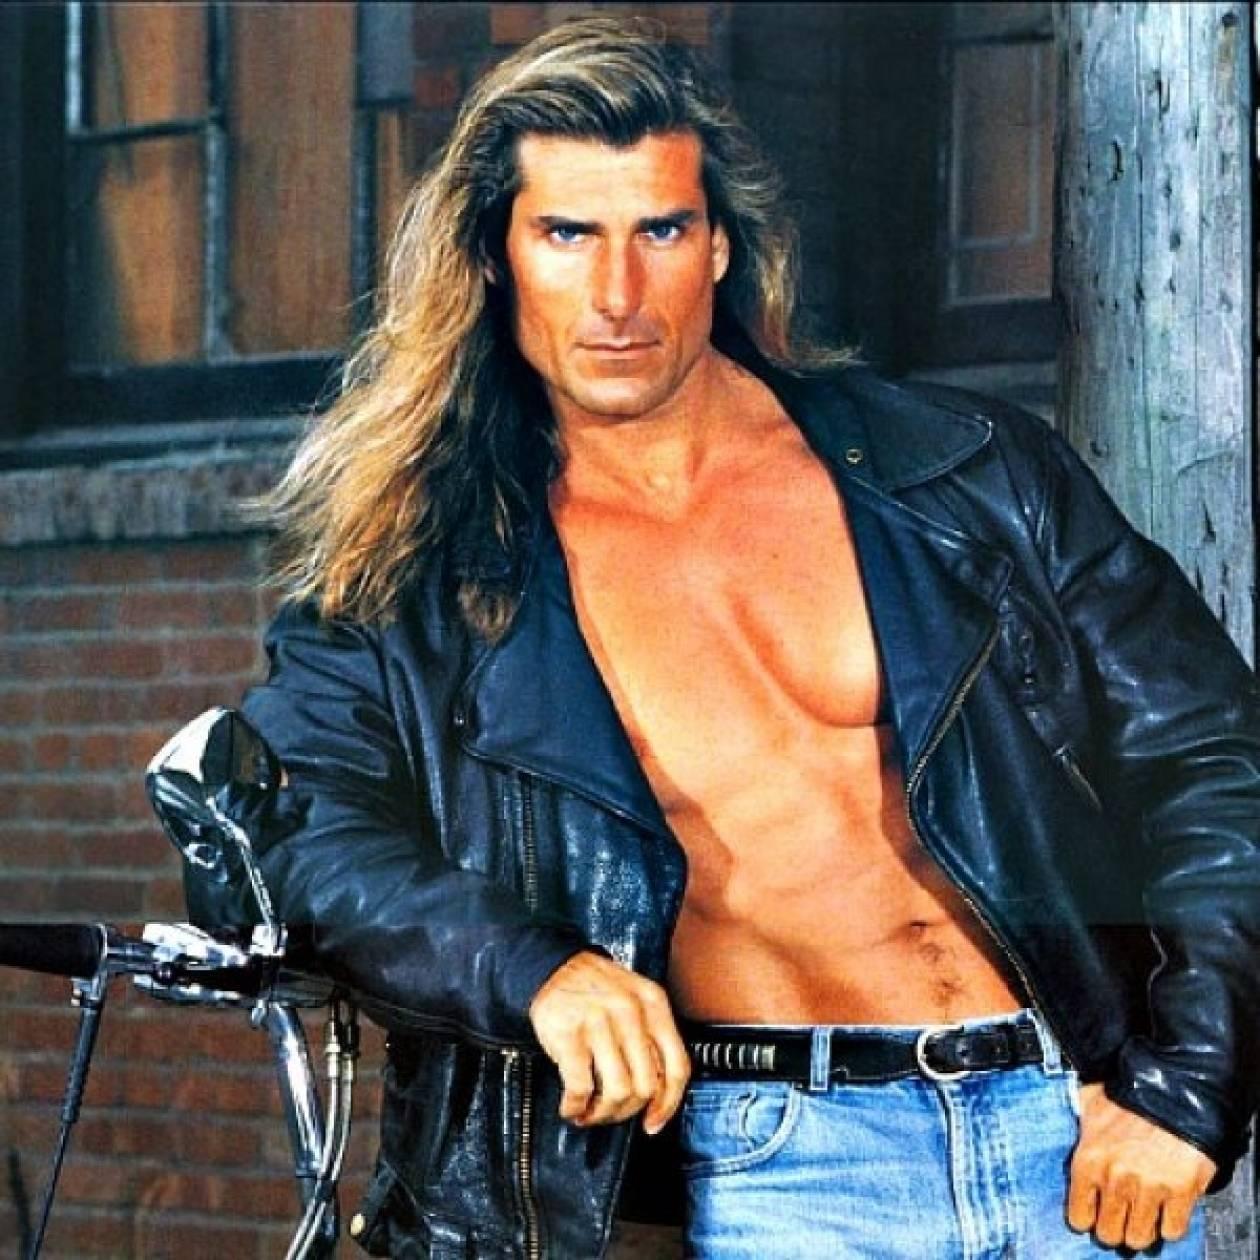 Θυμάστε τον Fabio, τον ωραιότερο άντρα των 80s;